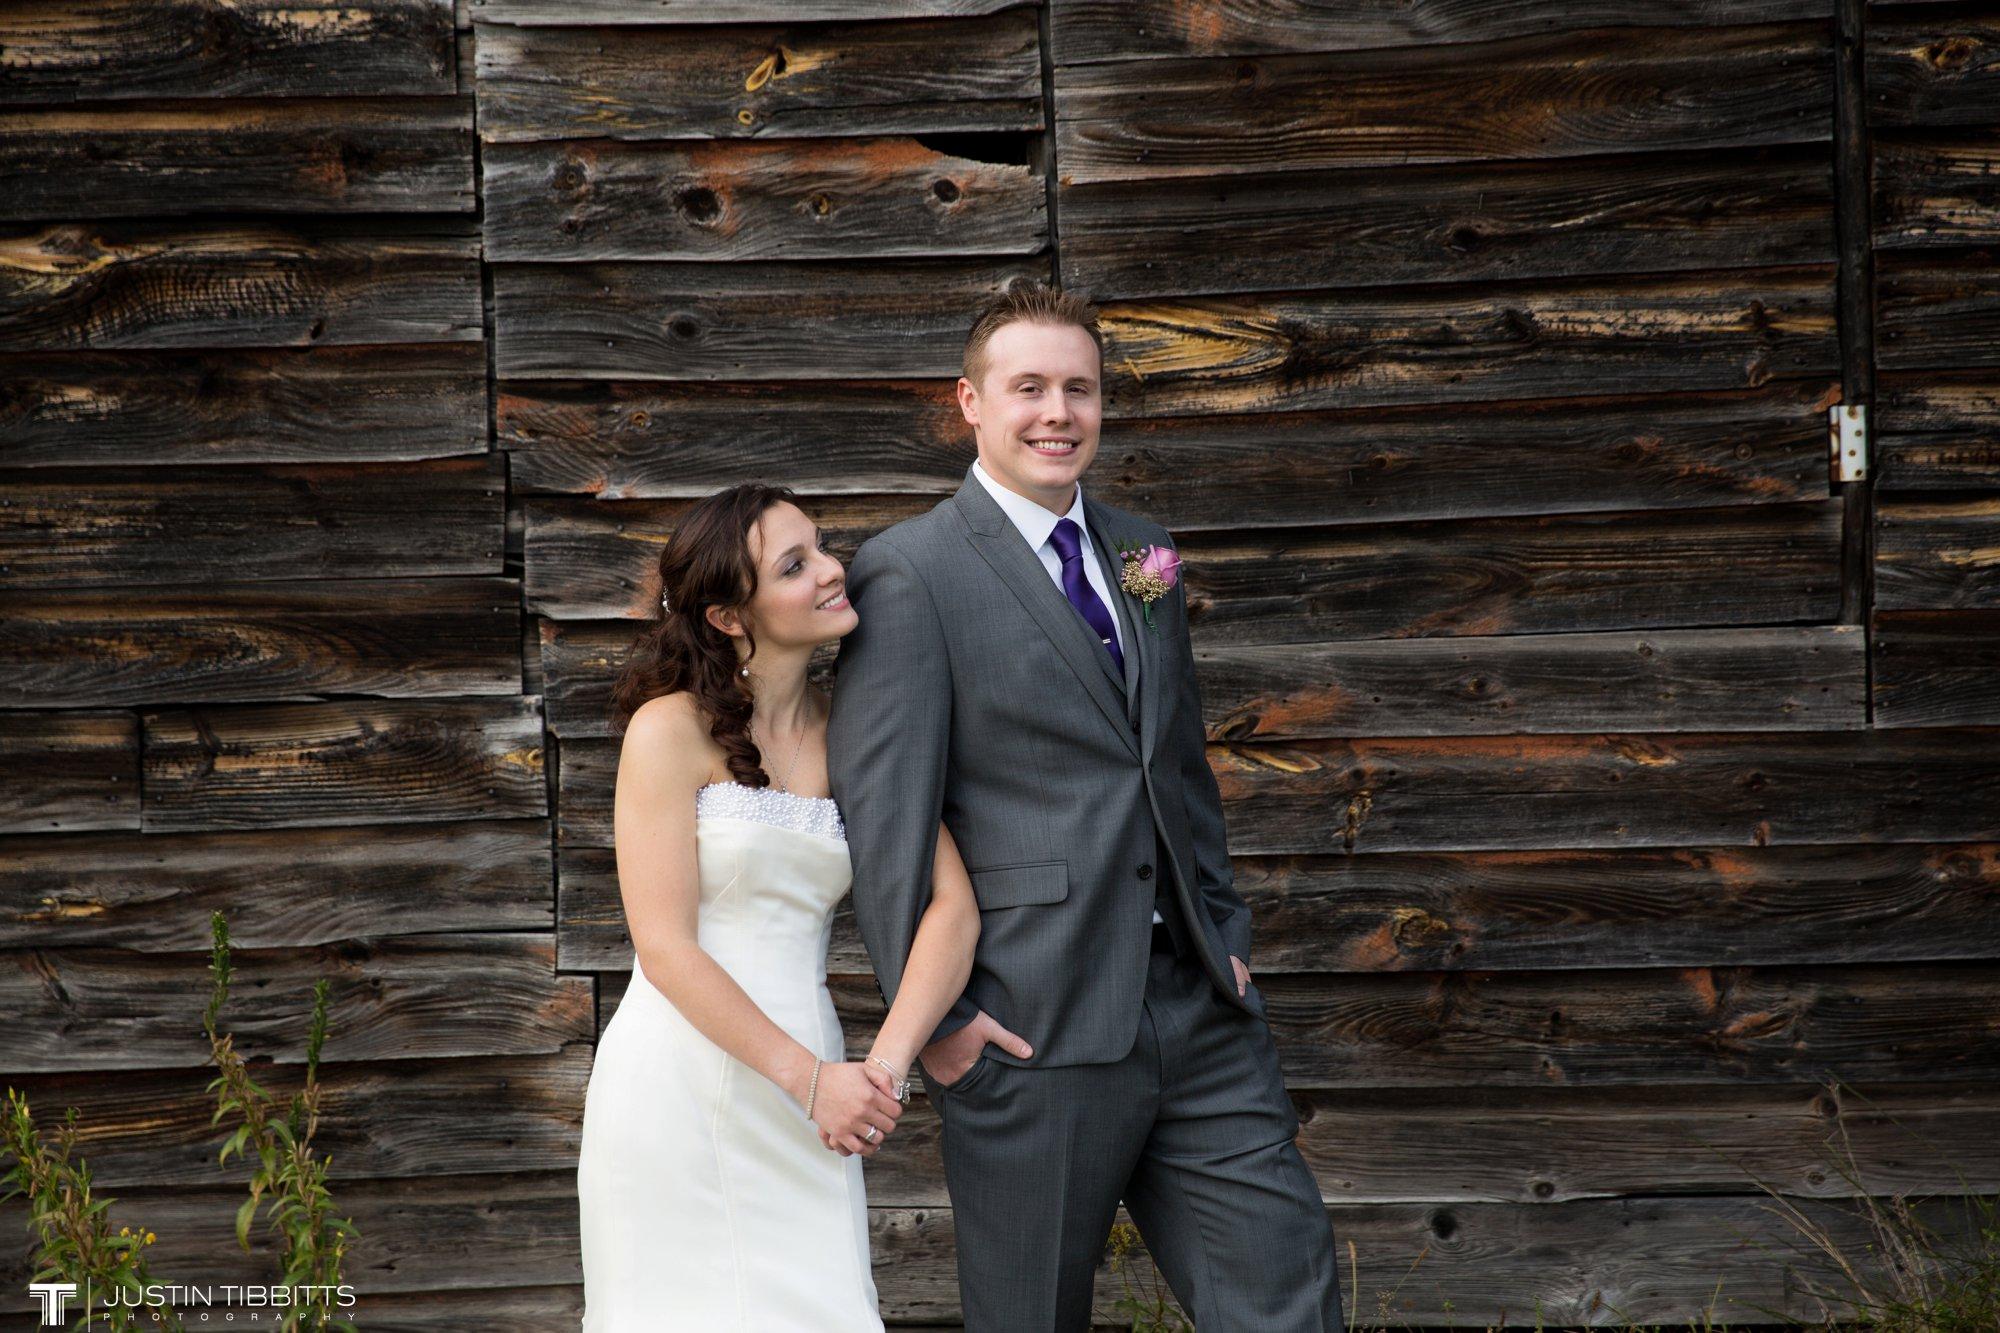 Justin Tibbitts Photography Rob and Brittany's Averill Park, NY Wedding_0406